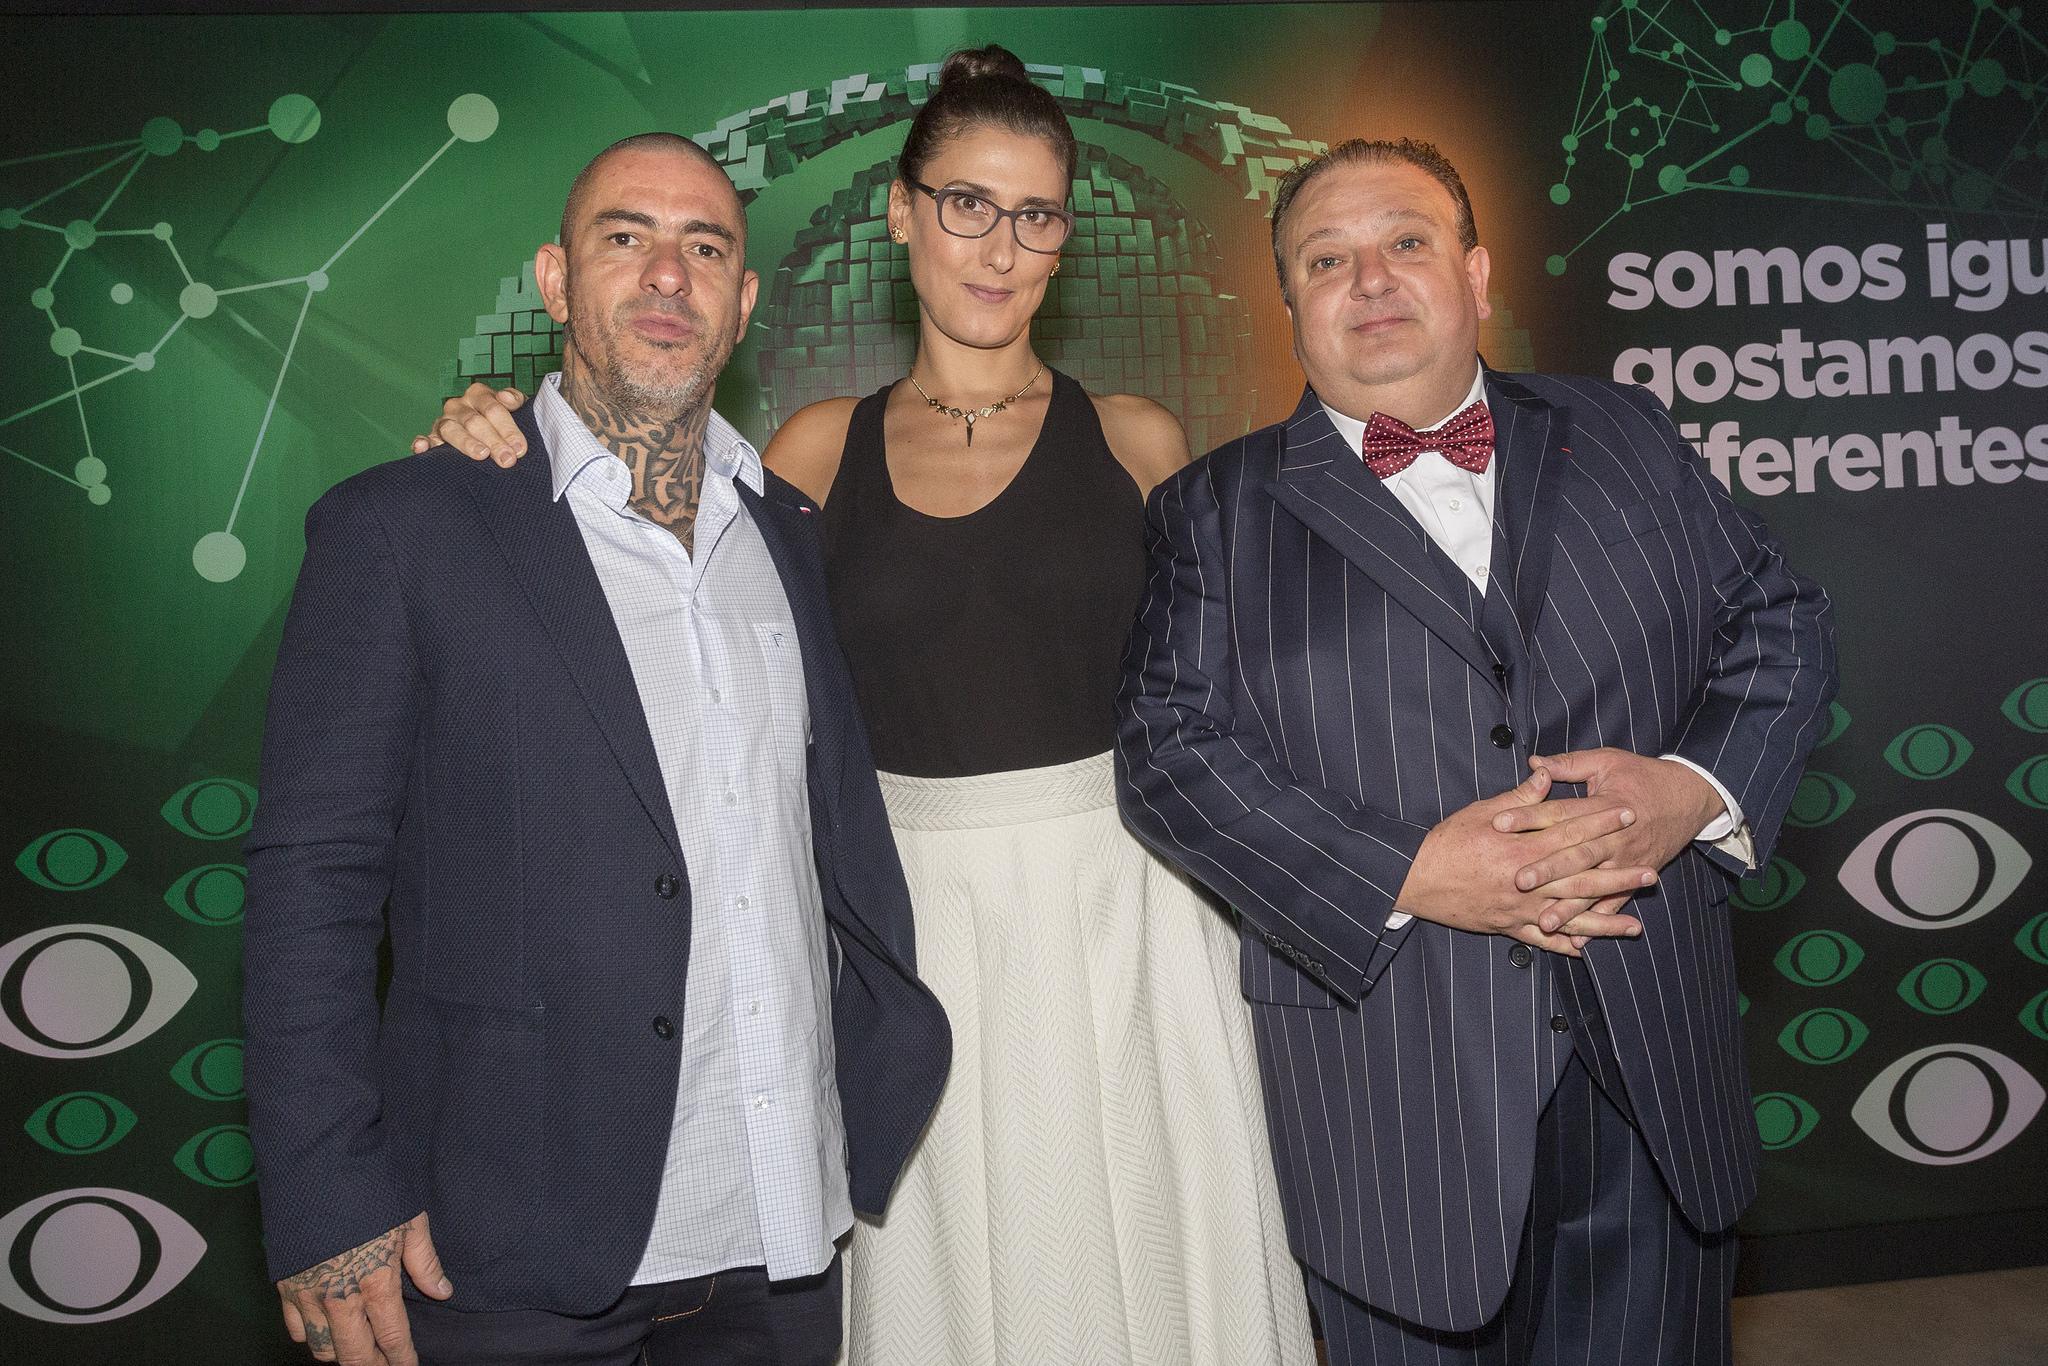 Paola, com Henrique Fogaça e Erick Jacquin, no evento de lançamento da programação 2017: as maiores estrelas da Band hoje. Foto de Kelly Fuzaro/Divulgação